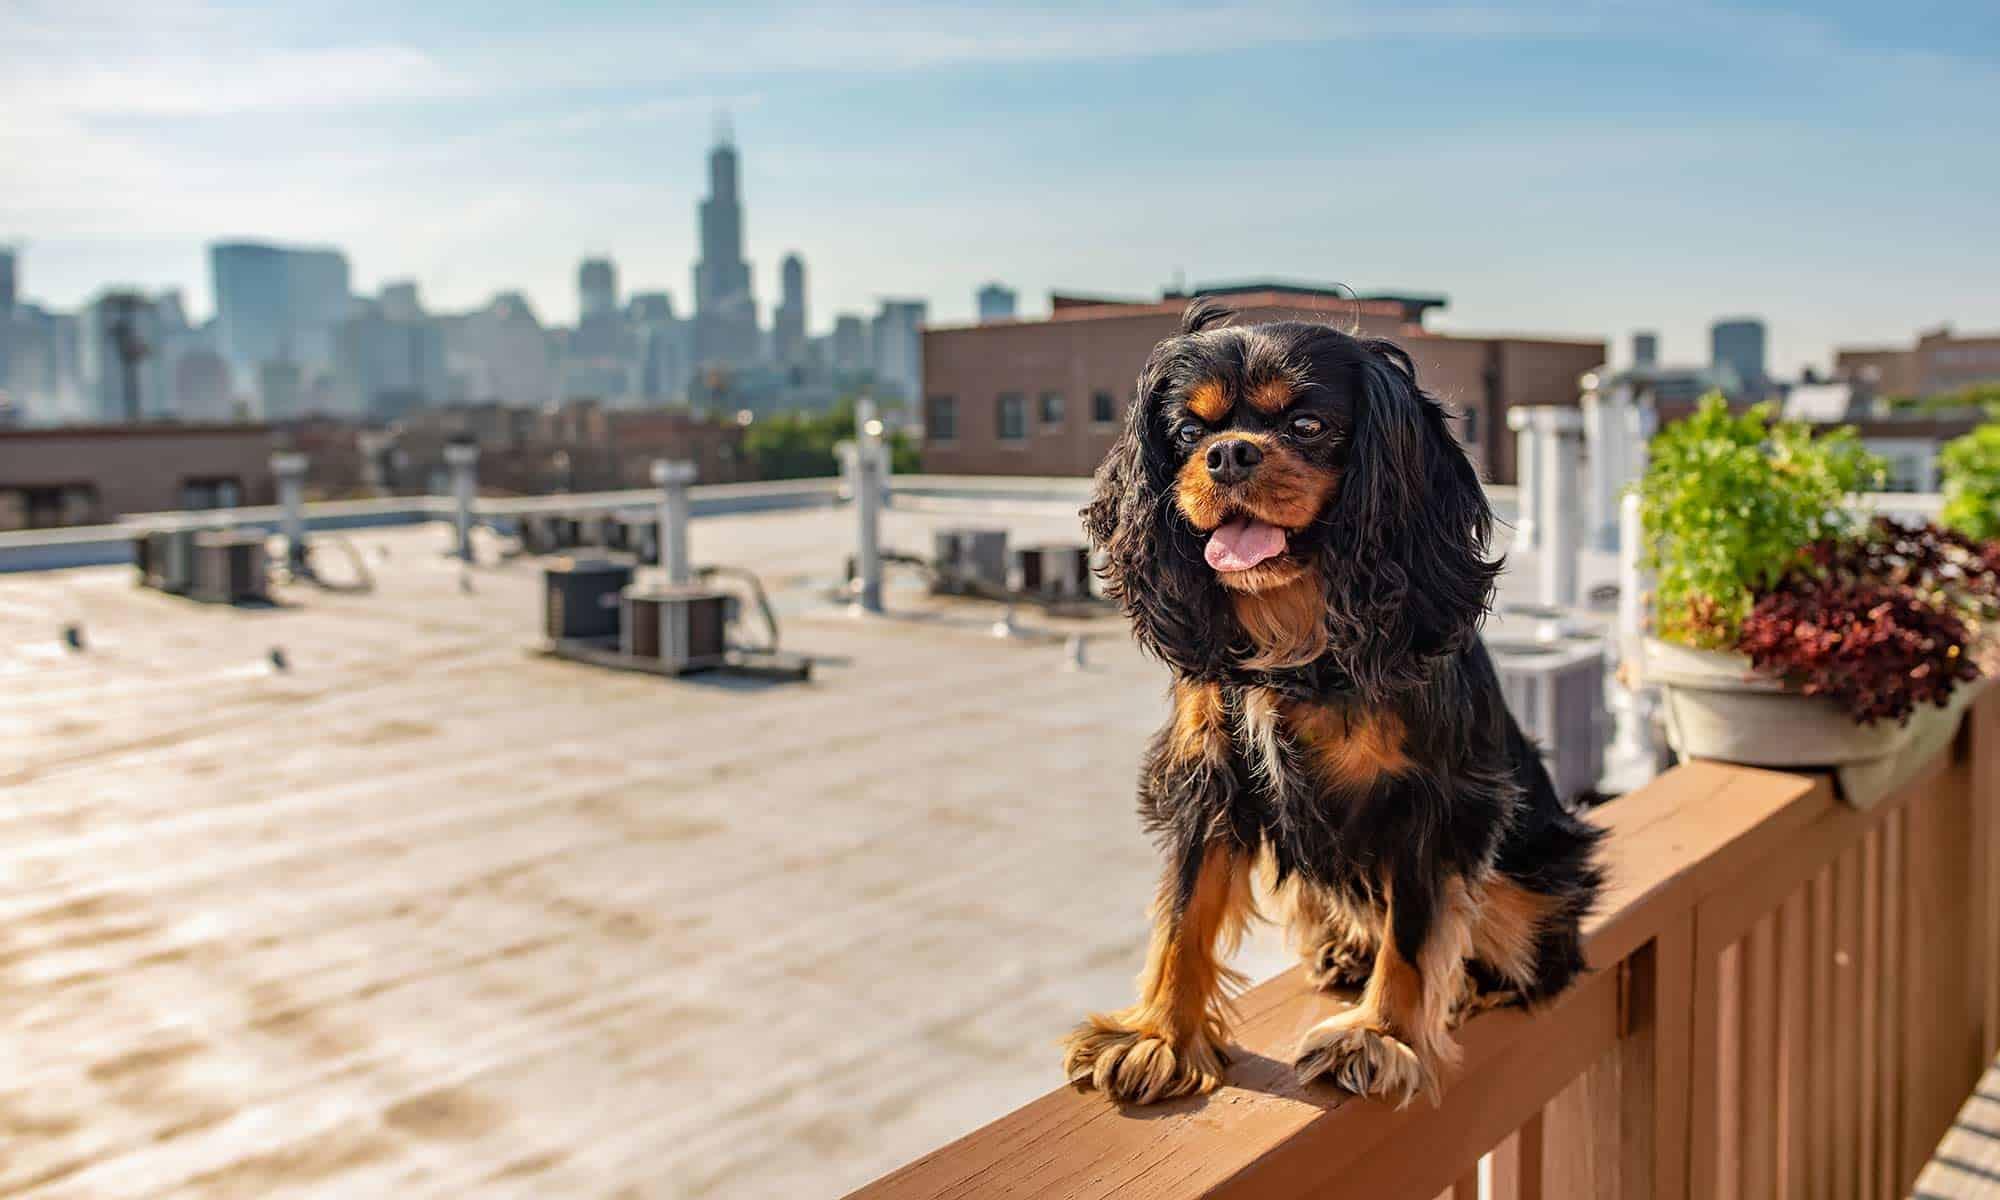 A happy dog sitting on a deck rail